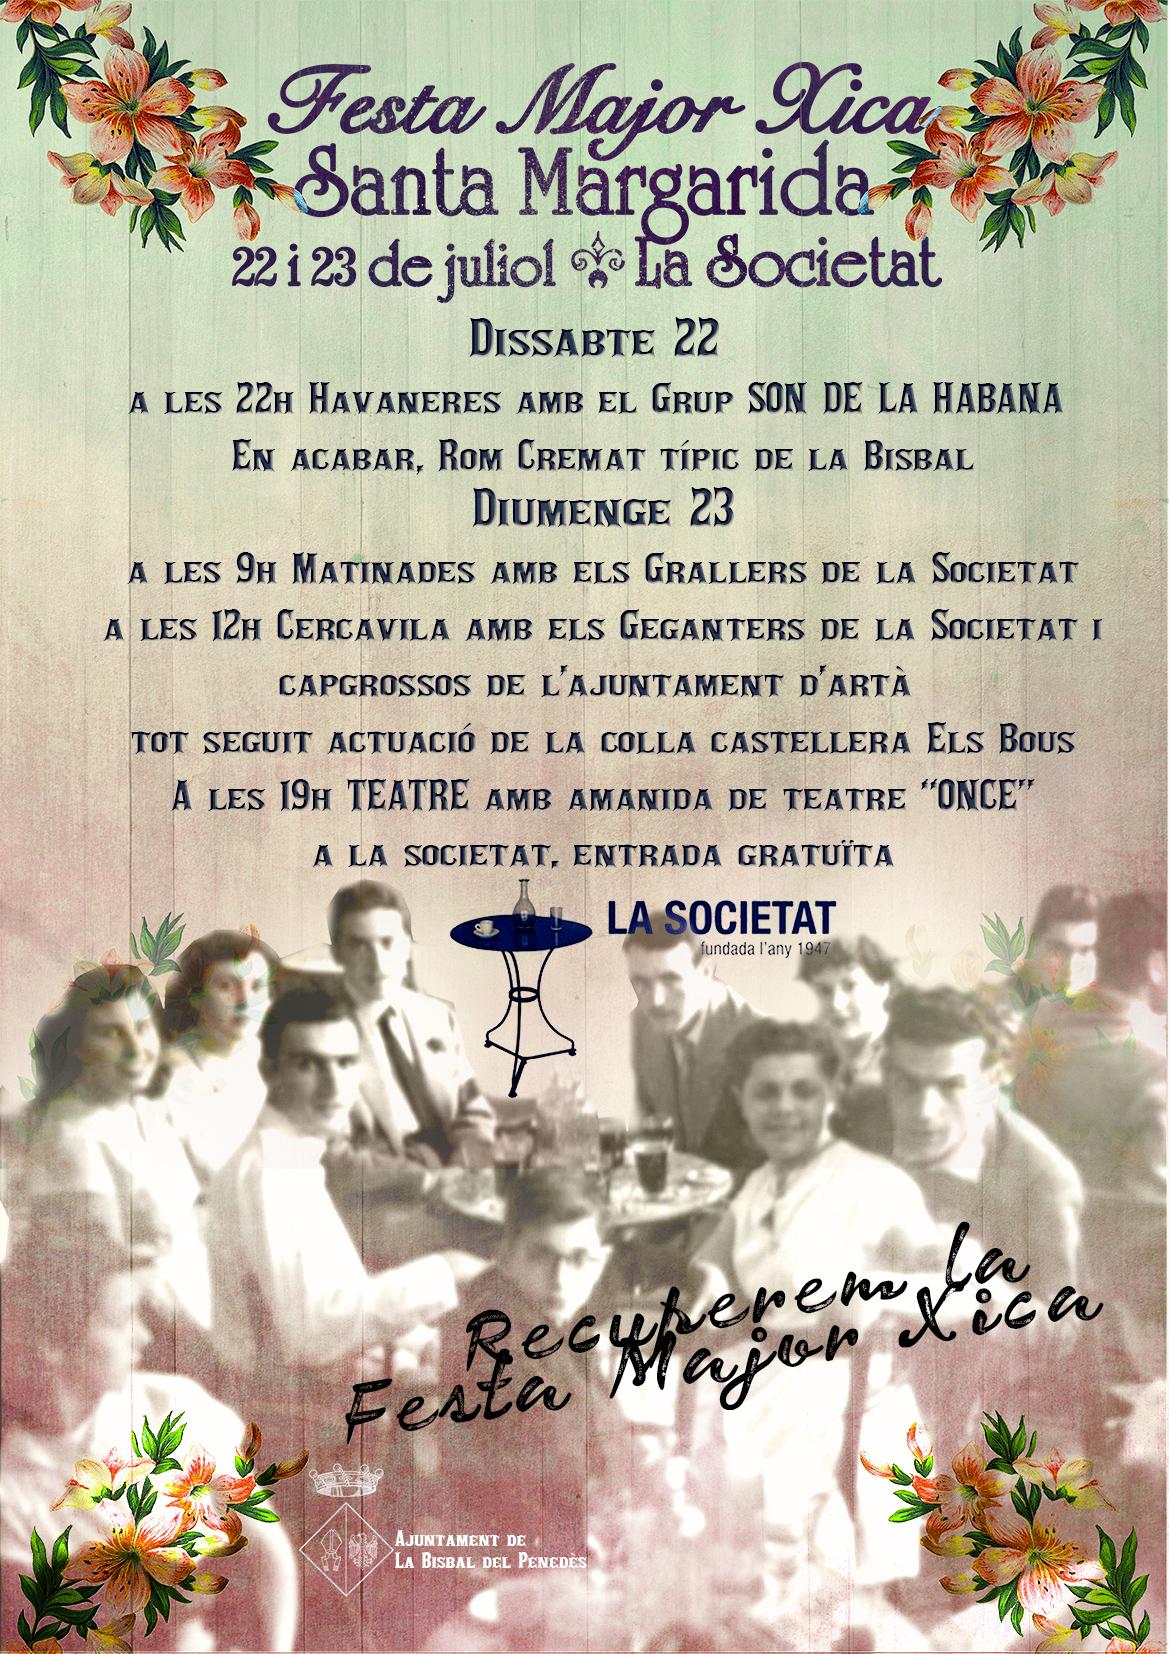 La Societat celebra aquest cap de setmana la Festa Major Xica de Santa Margarida